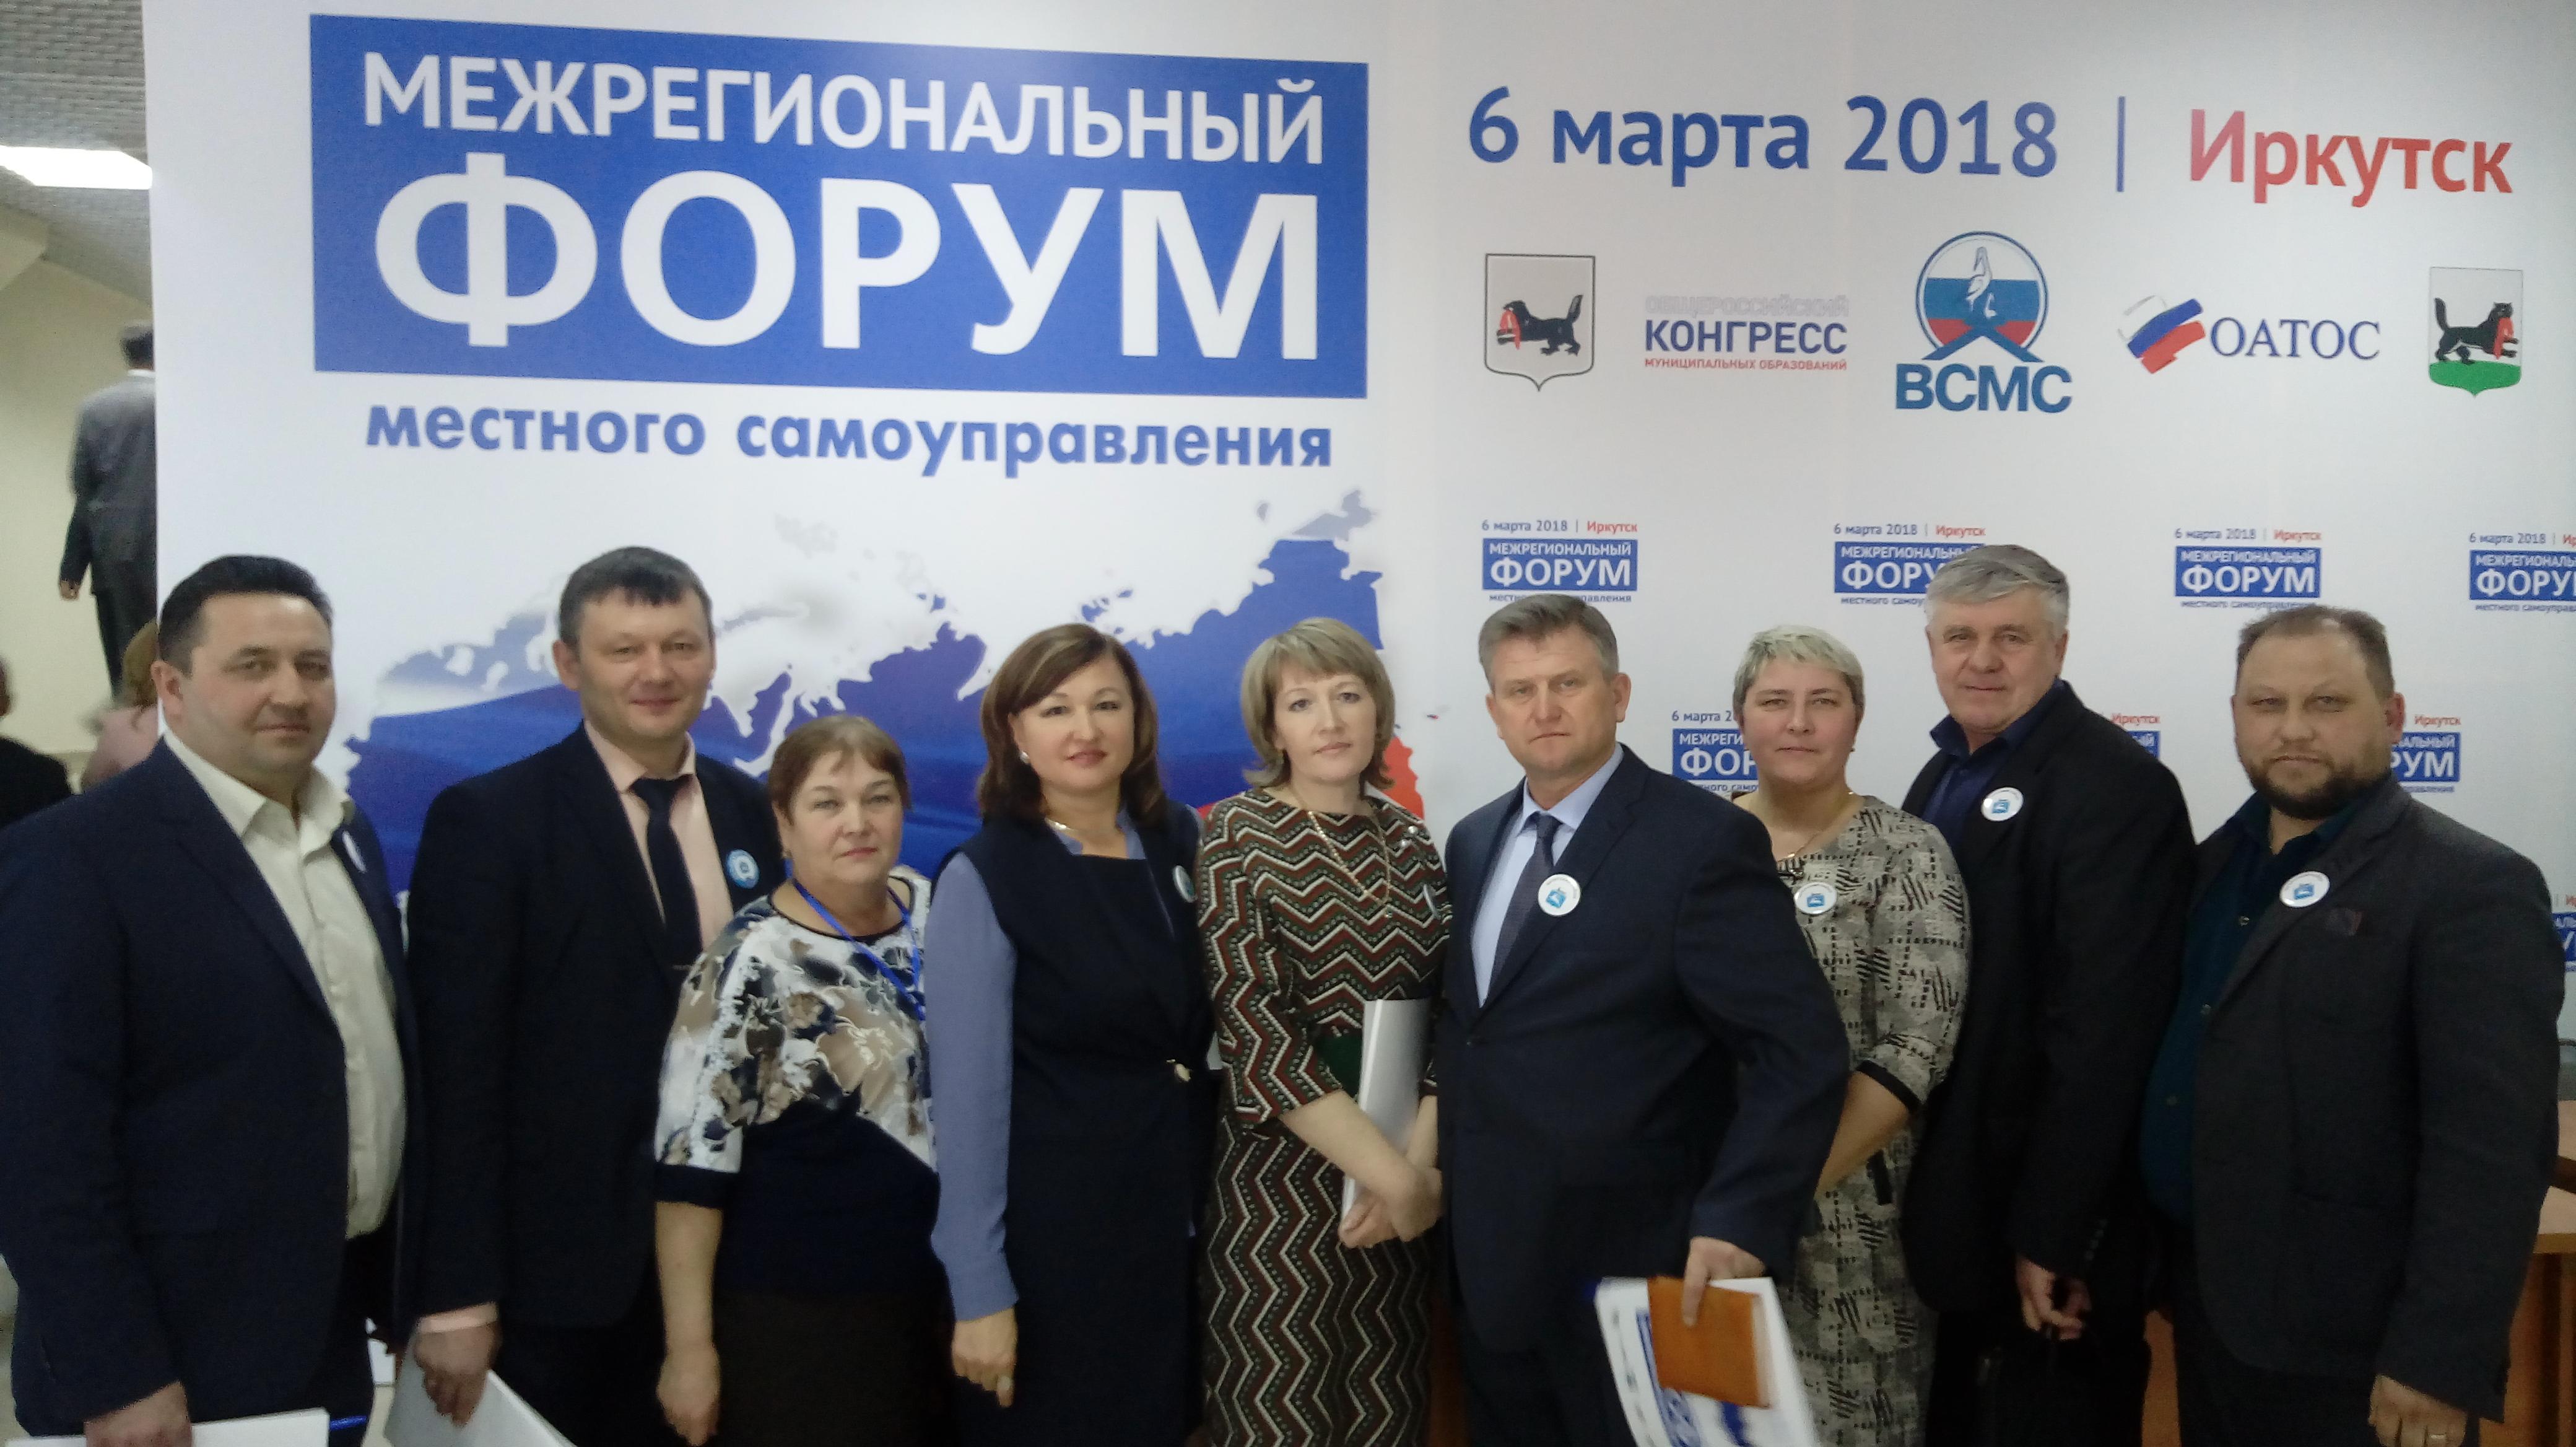 Межрегиональный муниципальный Форум